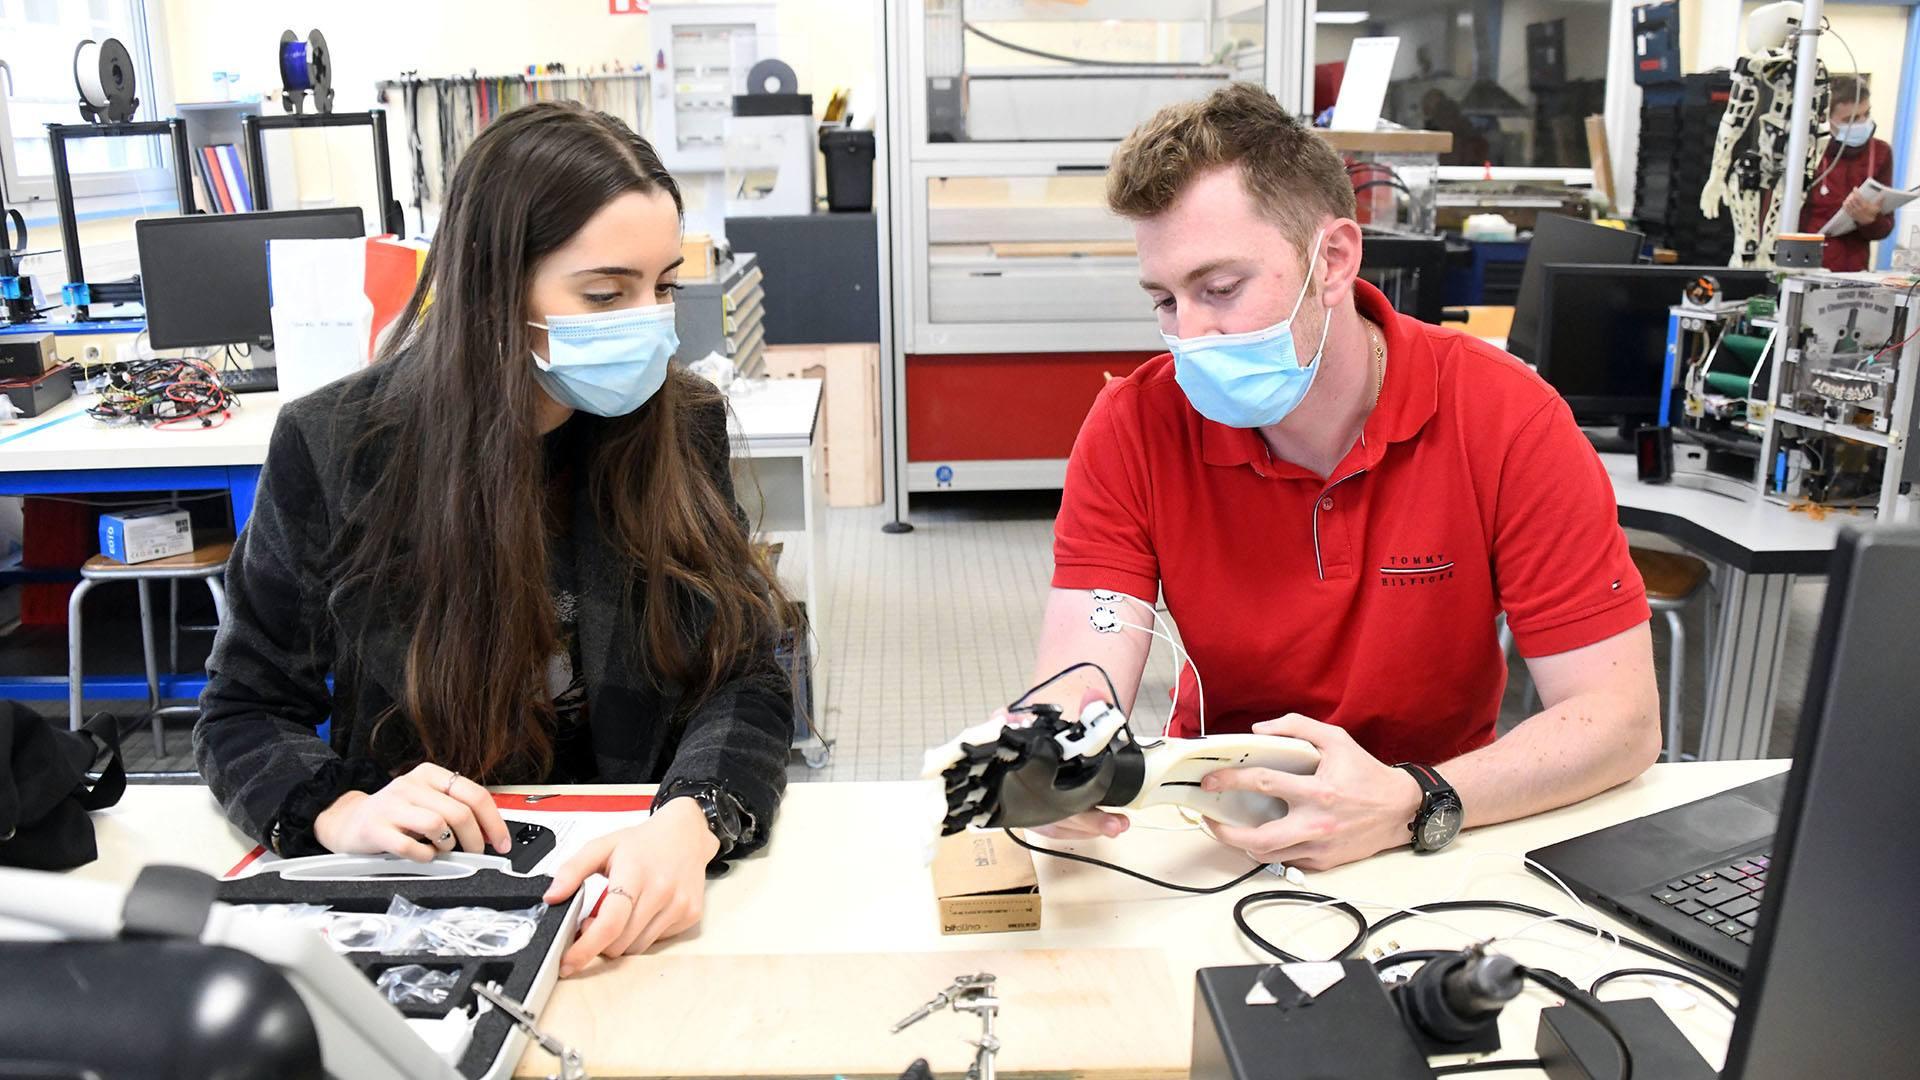 Mulhouse une prothèse de main intelligente développée par l'IUT : Sophie Guitard et Michael Szand étudiants de GEII